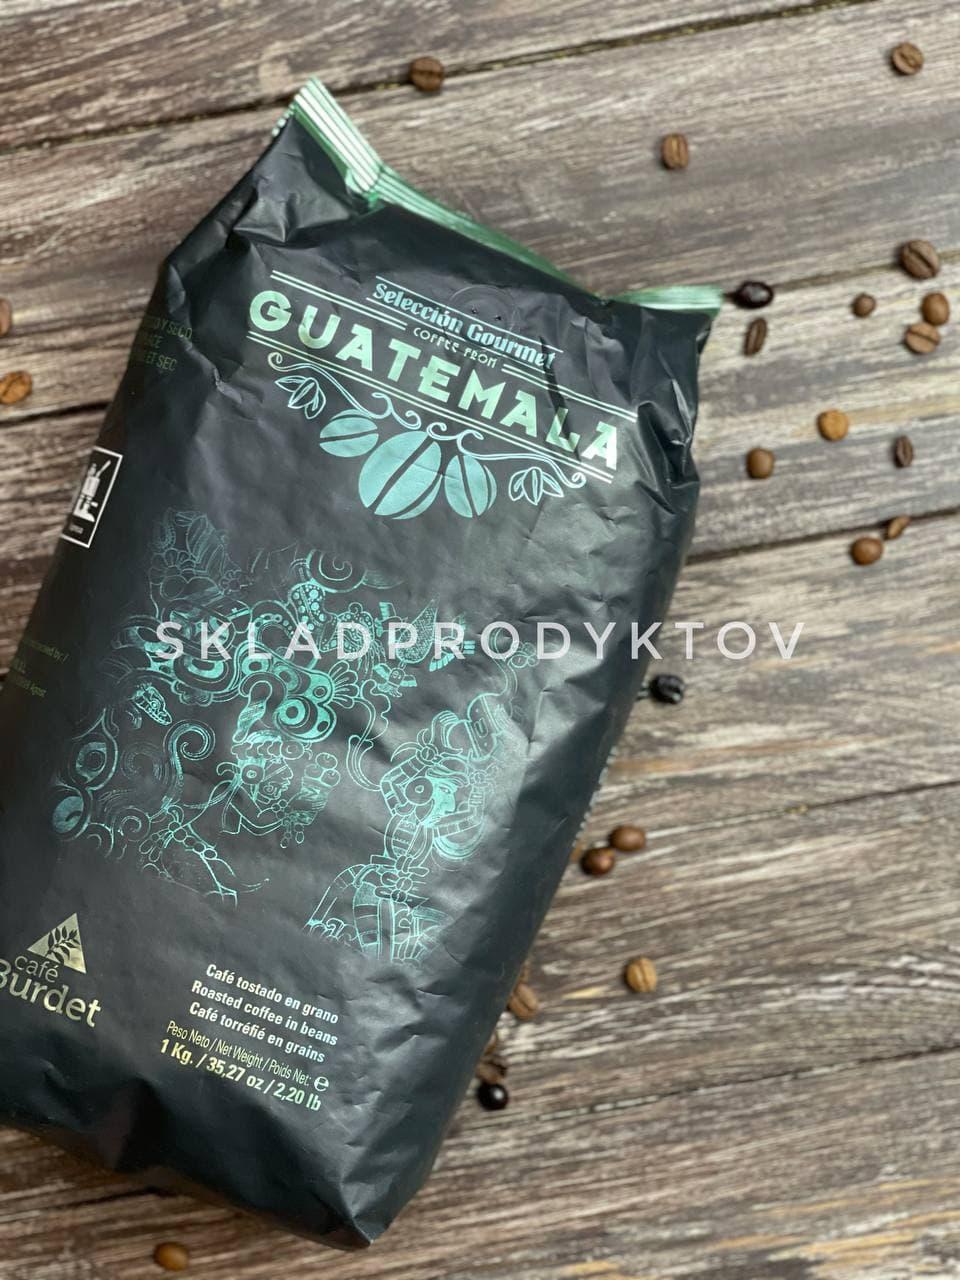 Кава в зернах Cafe Burdet Guatemala Gourmet, 1 кг 100% арабіка Іспанія